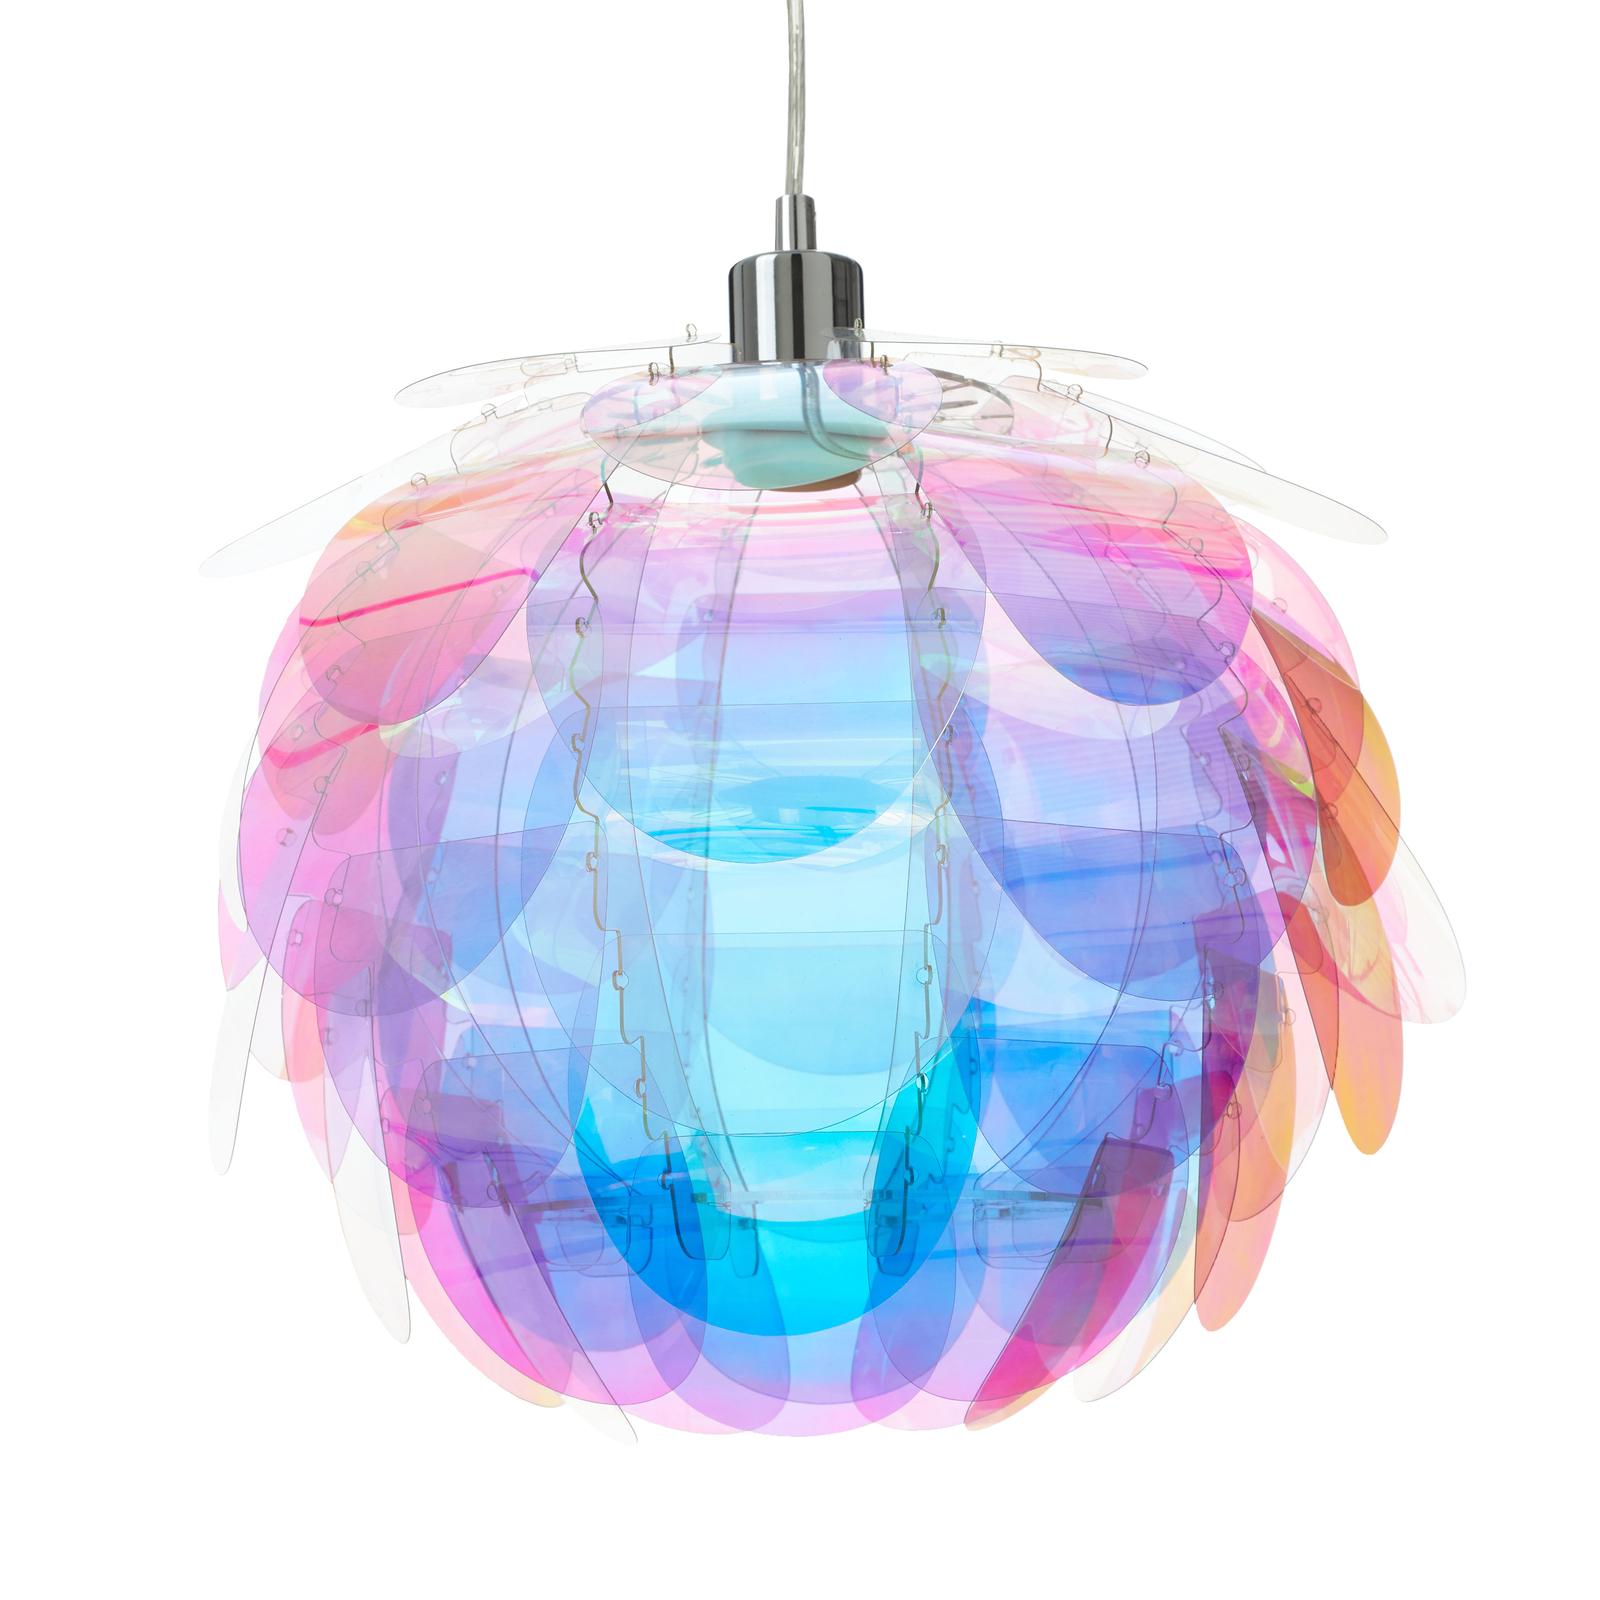 Lampa wisząca Clover w kolorach tęczy